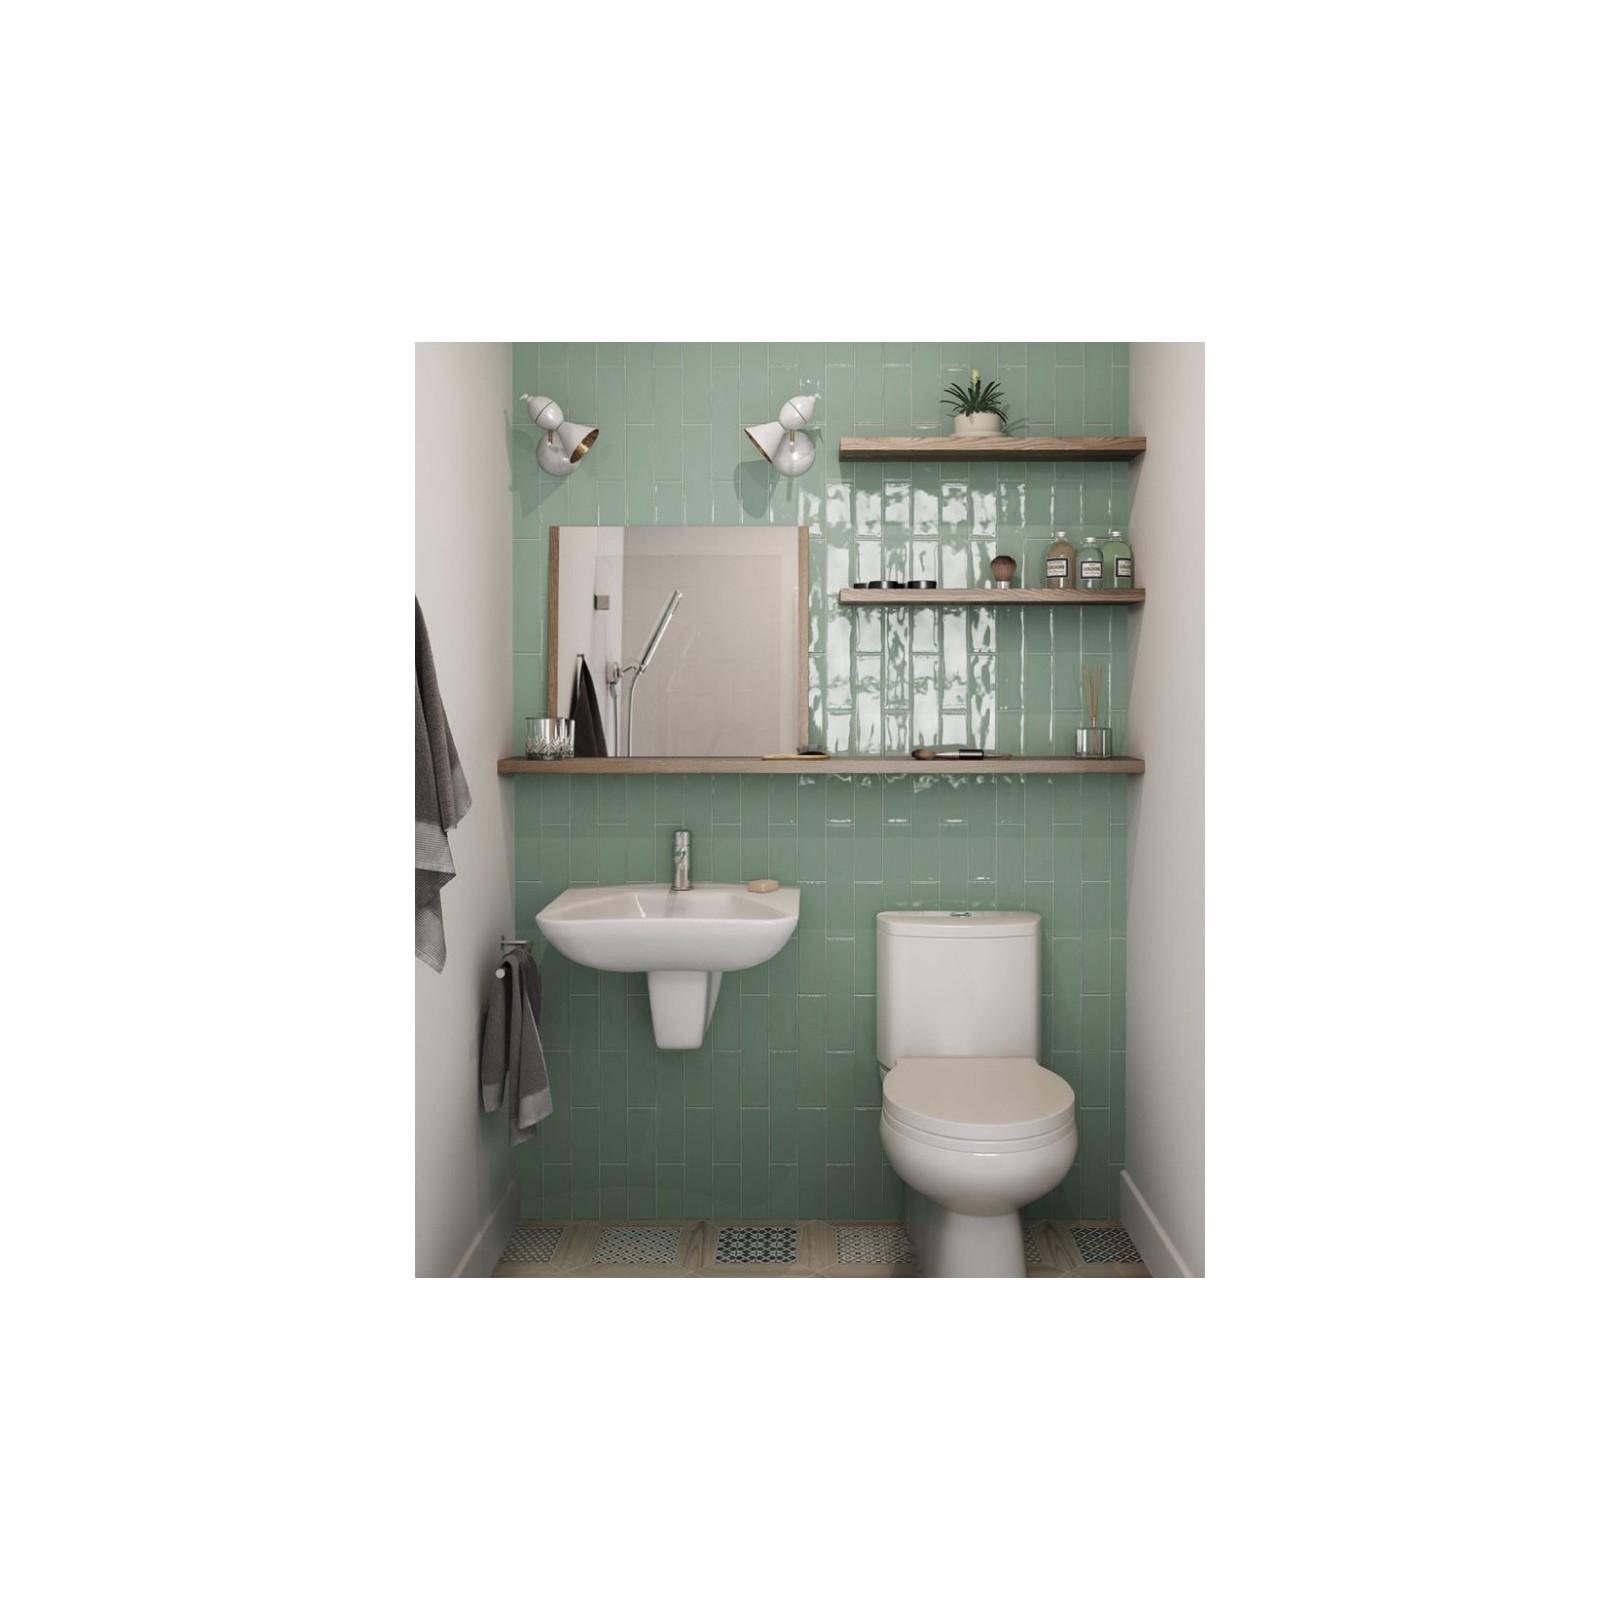 carrelage mural faience masia 10 couleurs 2 formats et pieces speciales casalux home design